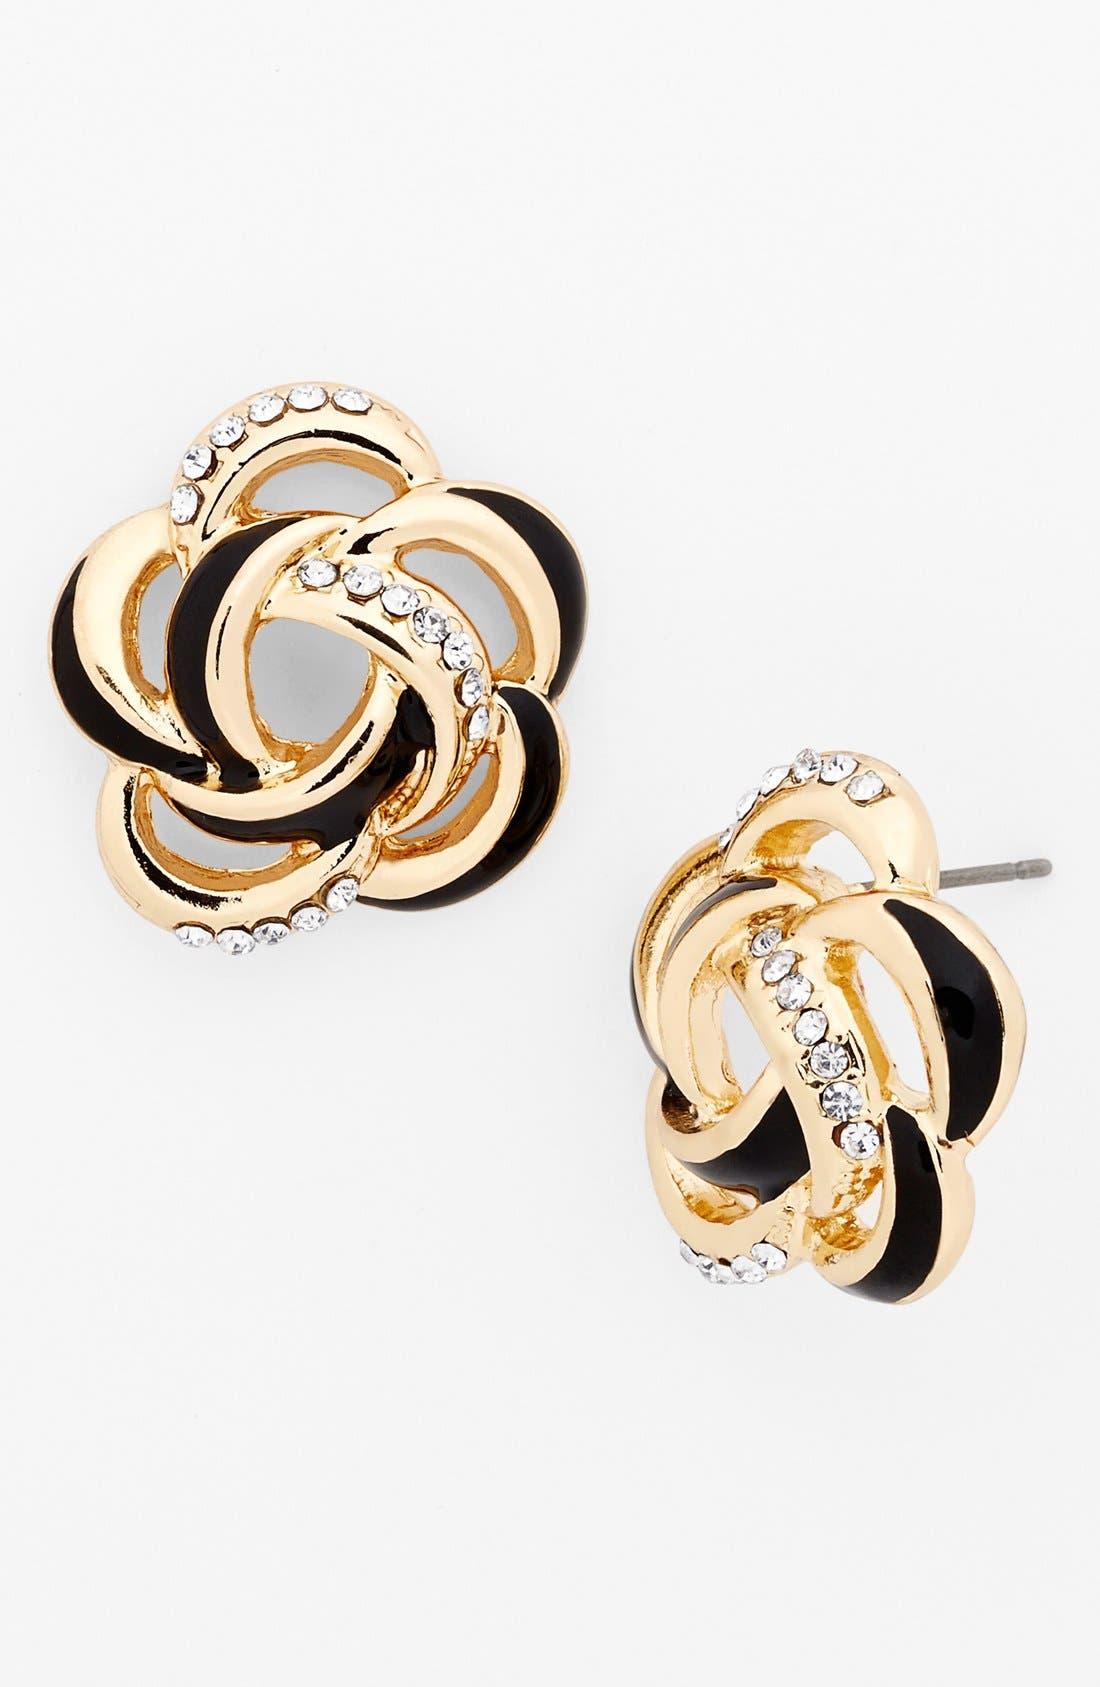 Main Image - Anne Klein Floral Stud Earrings